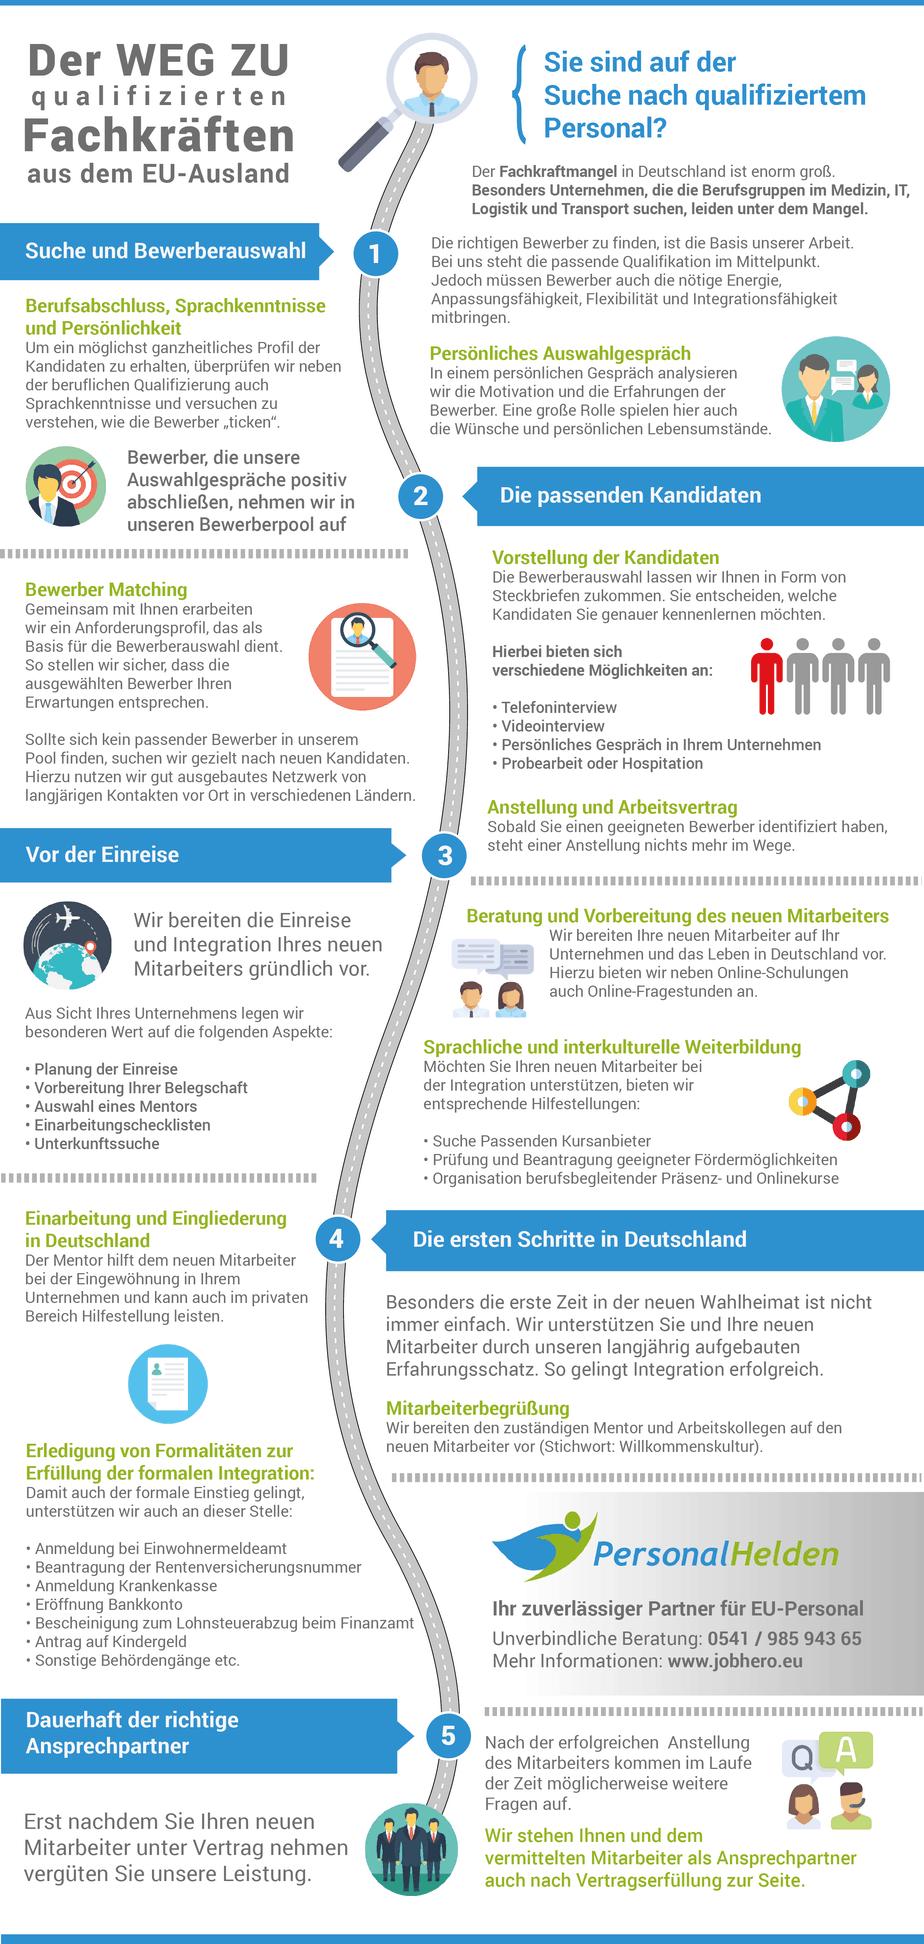 Unser Konzept der Vermittlung vom EU-Personal_Infografik